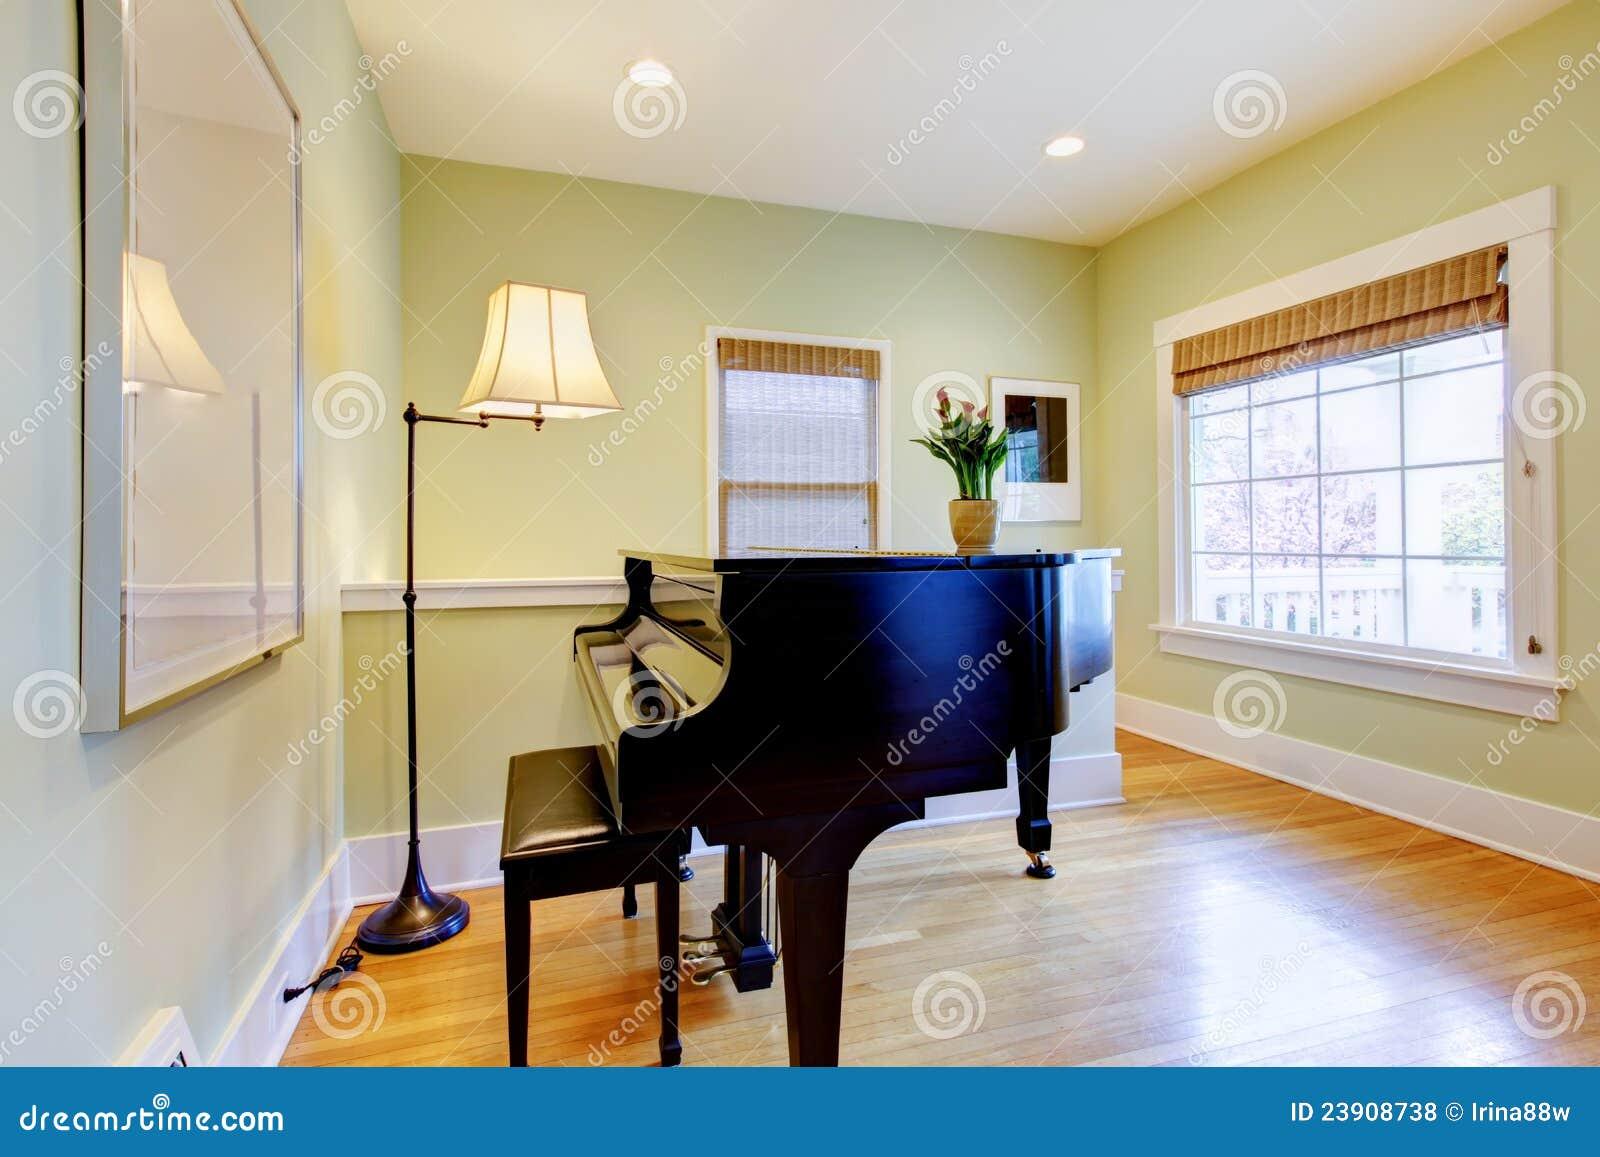 Woonkamer met zwarte piano en groot venster. royalty vrije stock ...